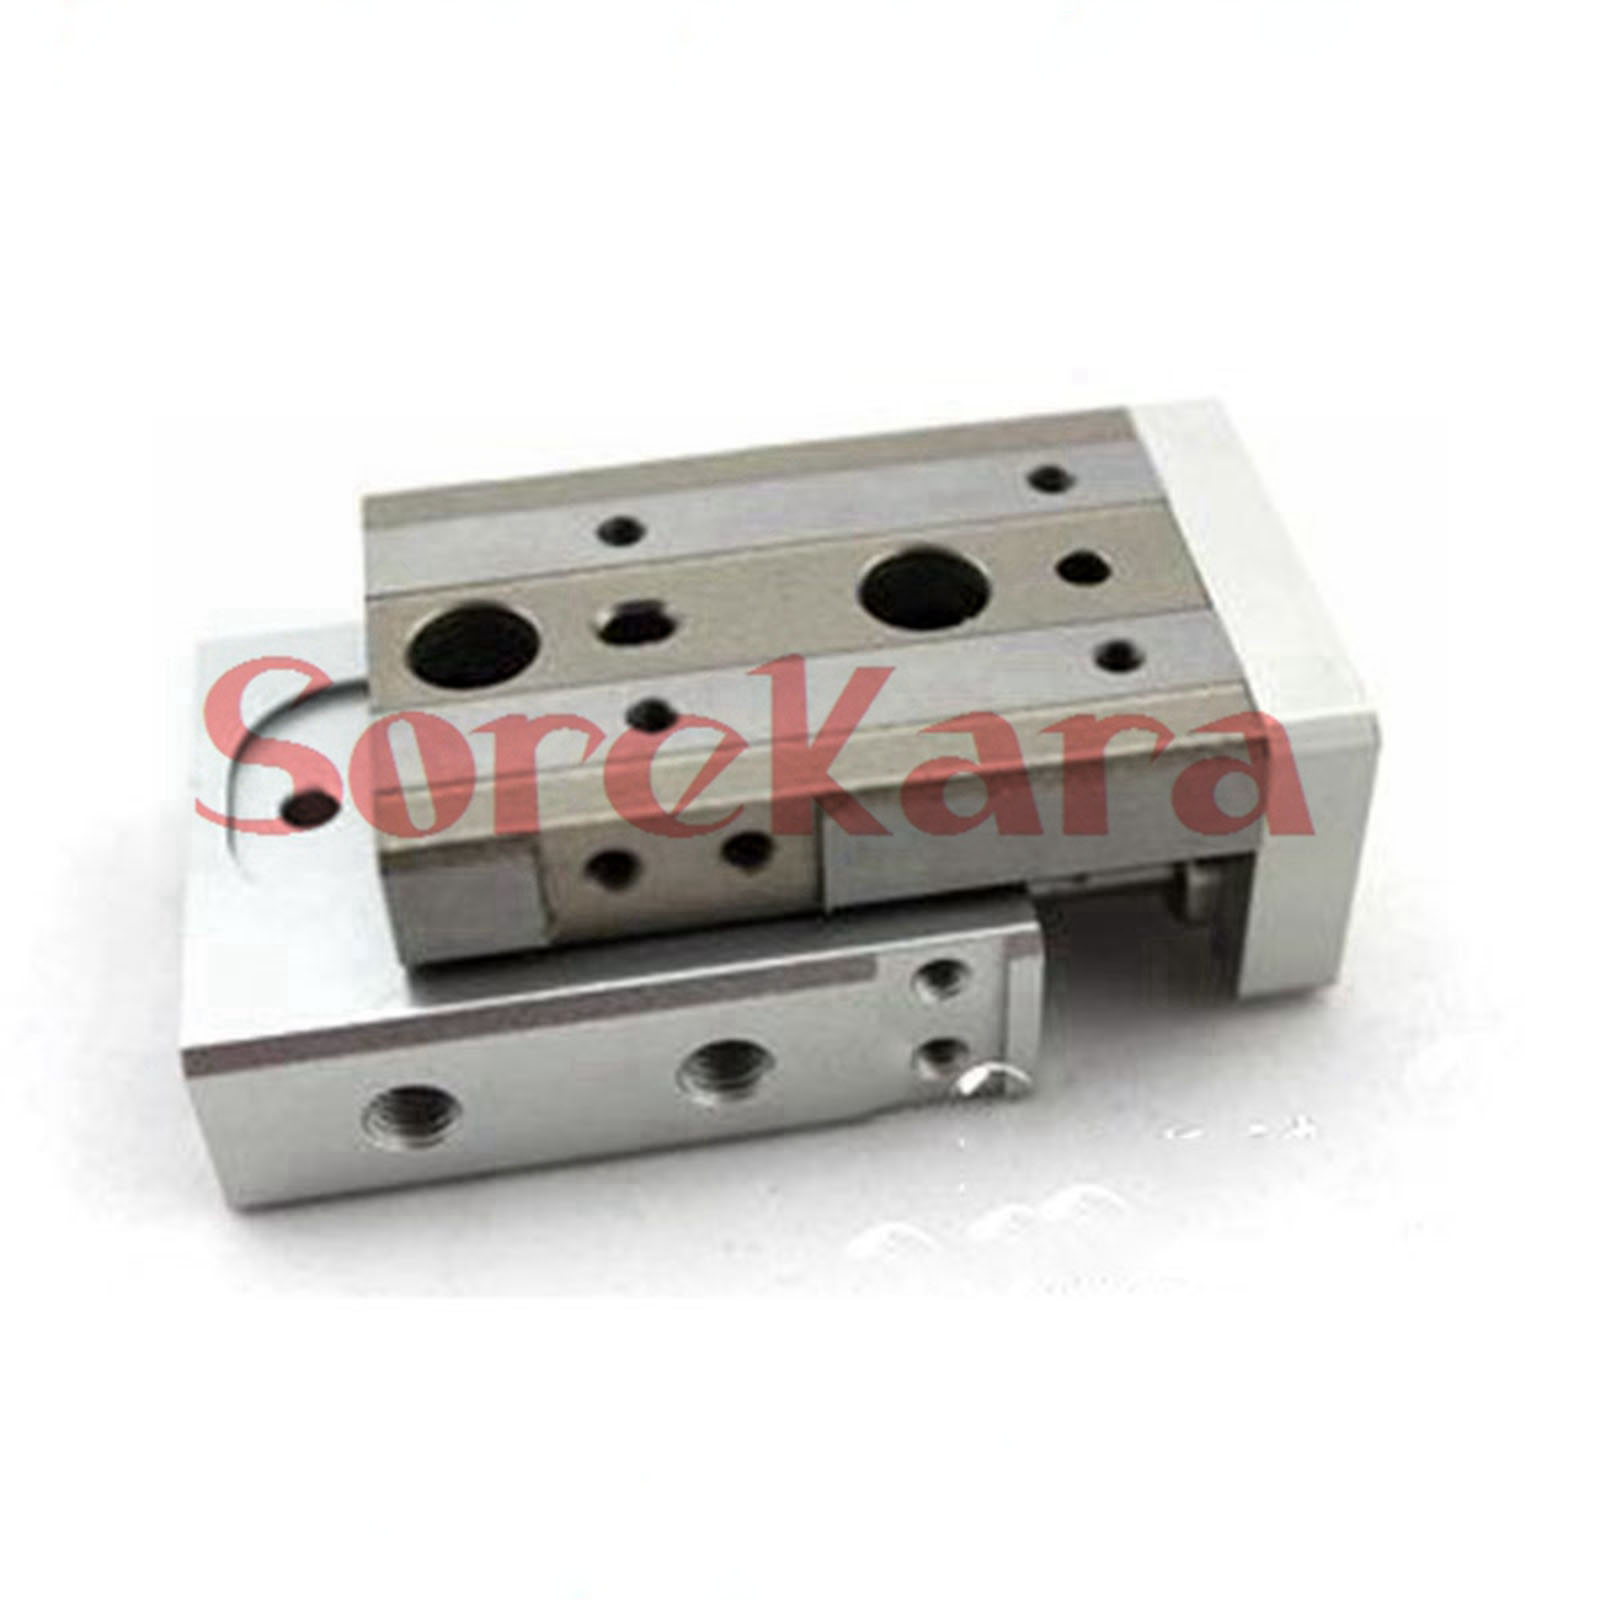 MXQ6-10AS MXQ6-20AS MXQ6-30AS MXQ6-40AS MXQ6-50AS MXQ8-10AS MXQ6-20AS MXQ6-30AS  Slide Table Cylinder Extension End Adjuster щебень фракция 20 40 мм 50 кг